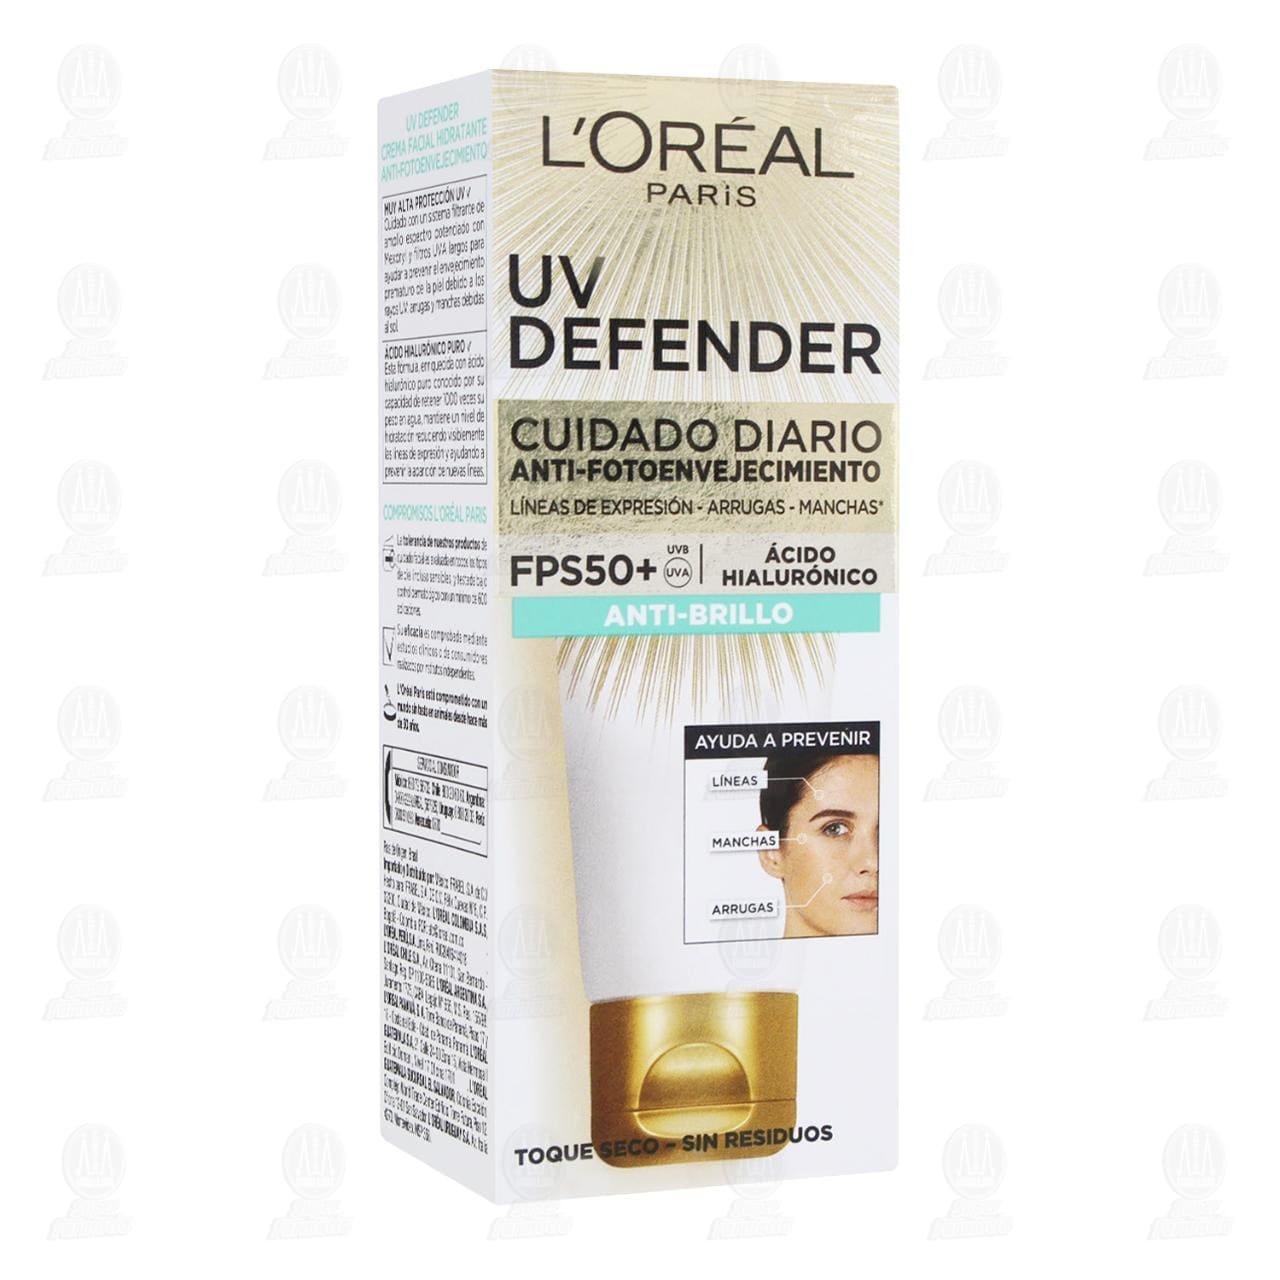 Comprar Crema Facial L'Oréal Paris UV Defender Anti-Brillo, 40 gr. en Farmacias Guadalajara